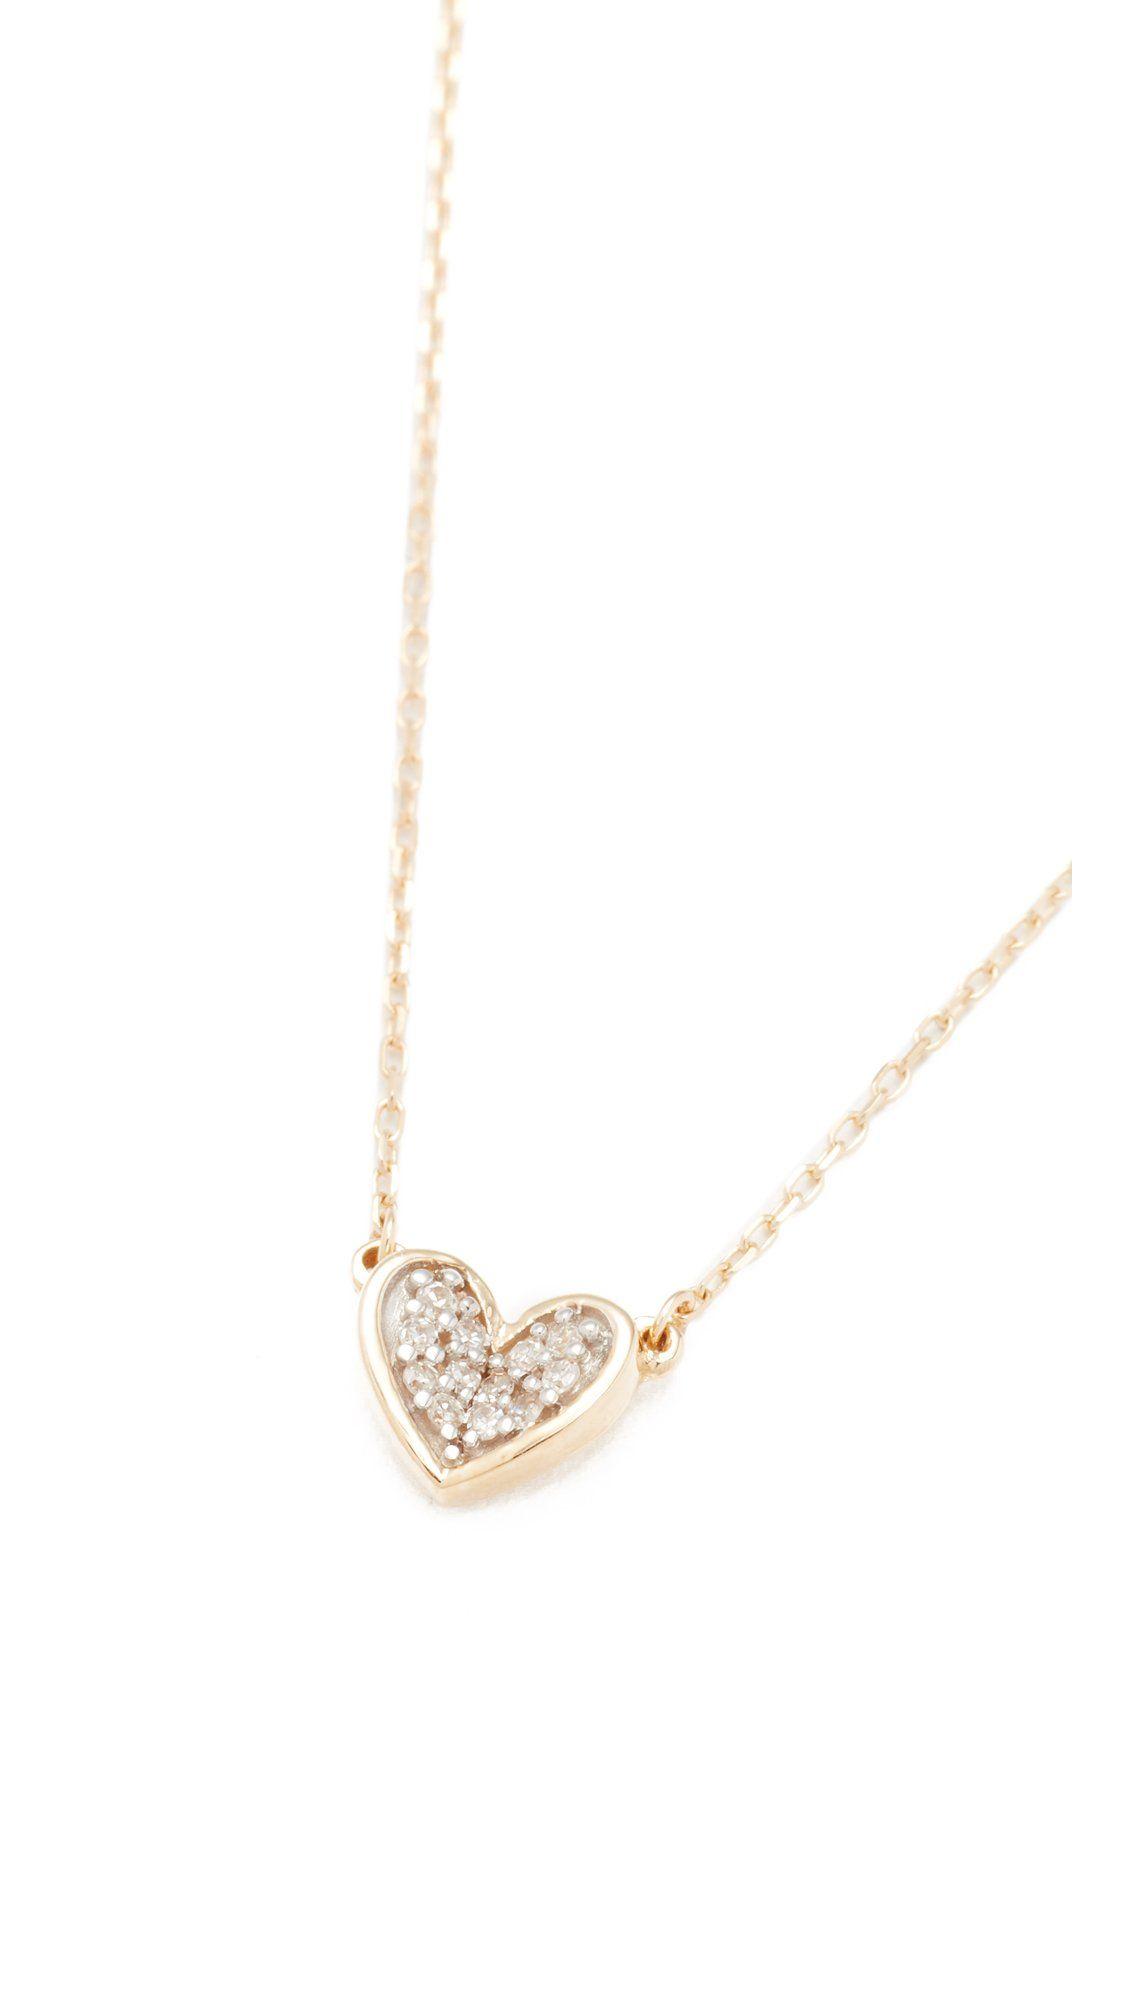 Adina Reyter Women S Super Tiny Pave Folded Heart Necklace